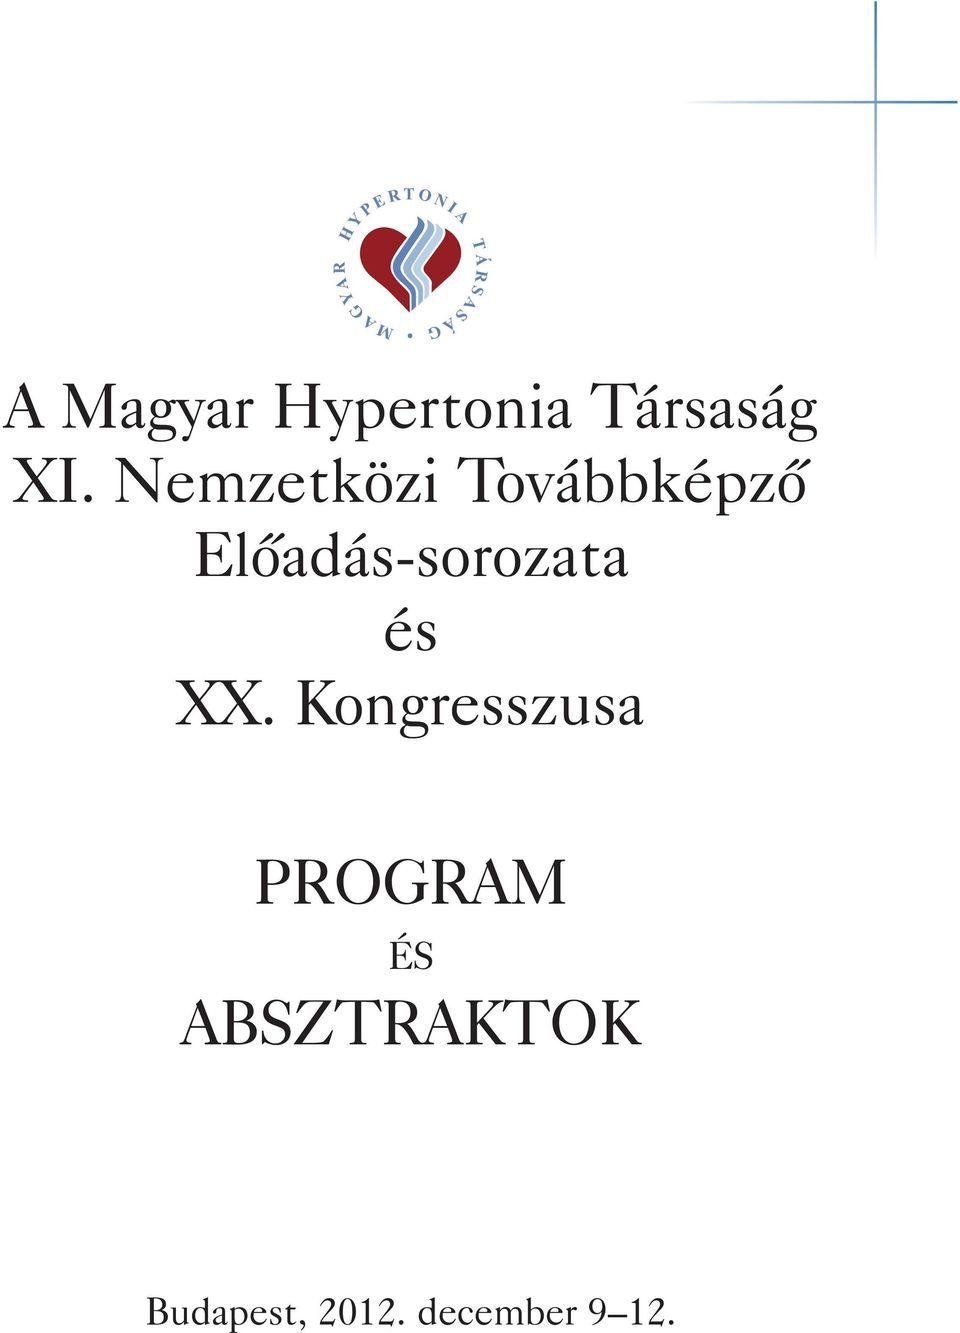 Nemzetközi Hipertónia Társaság